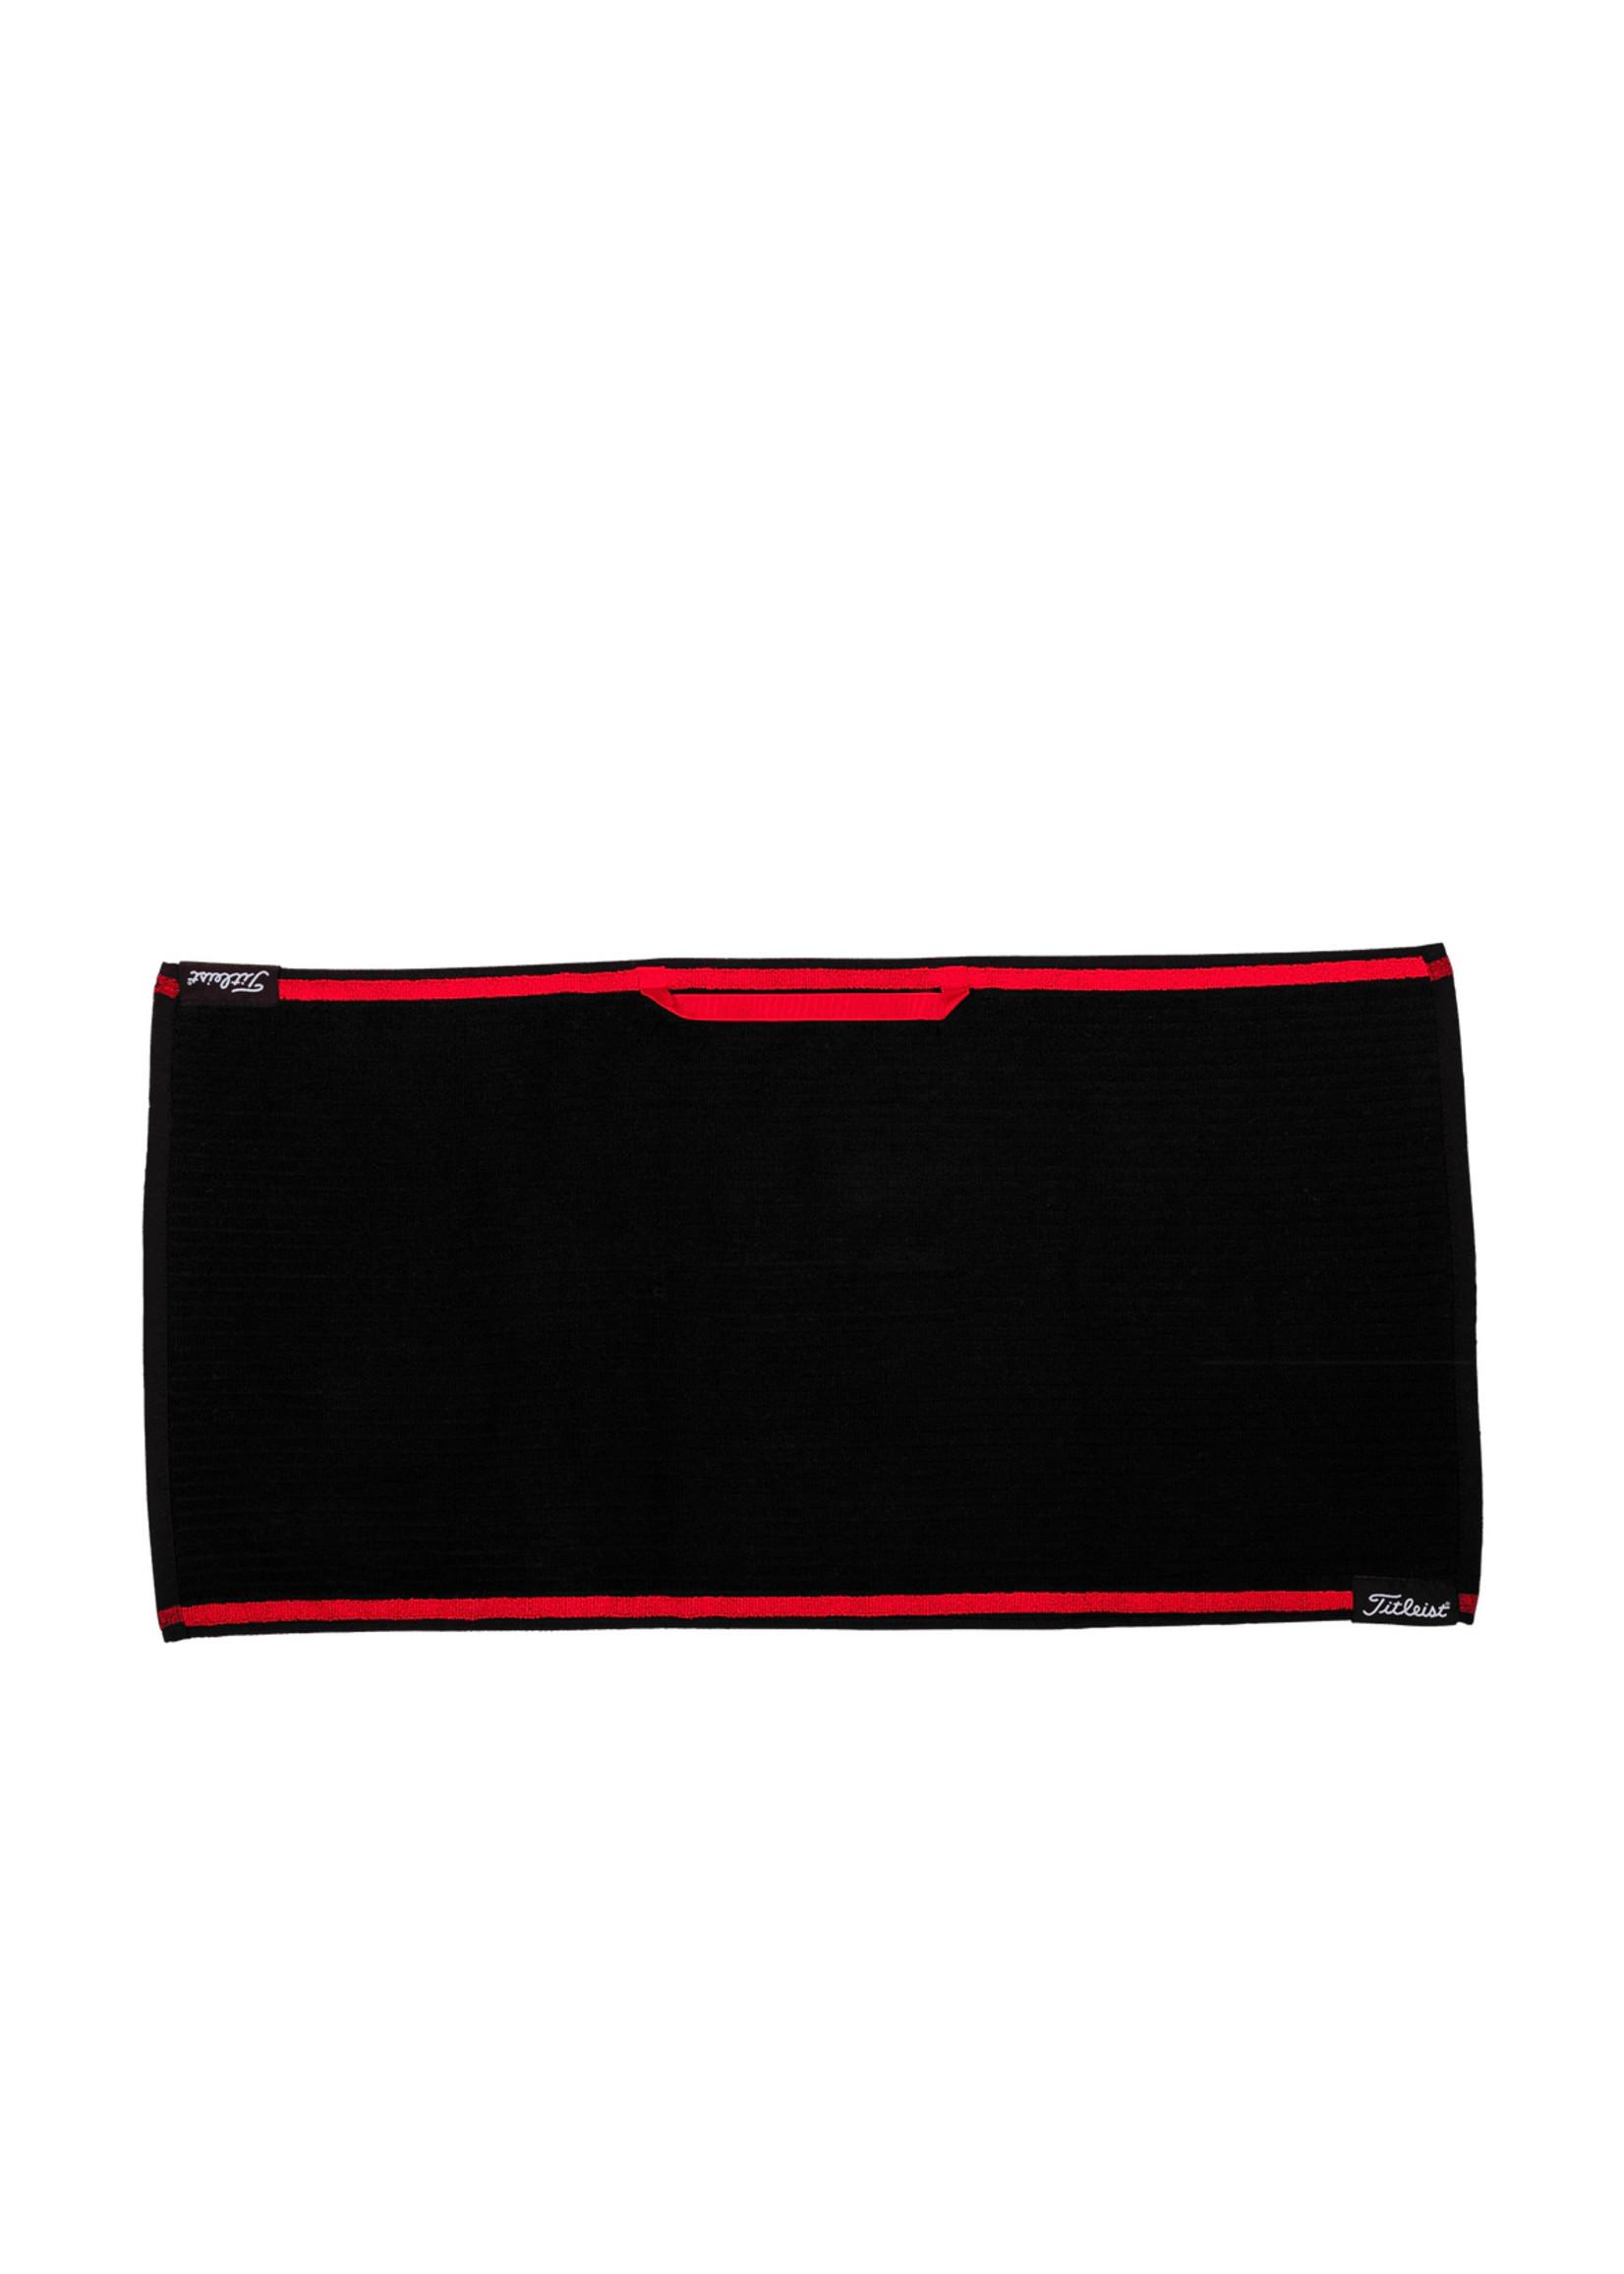 TITLEIST Towel